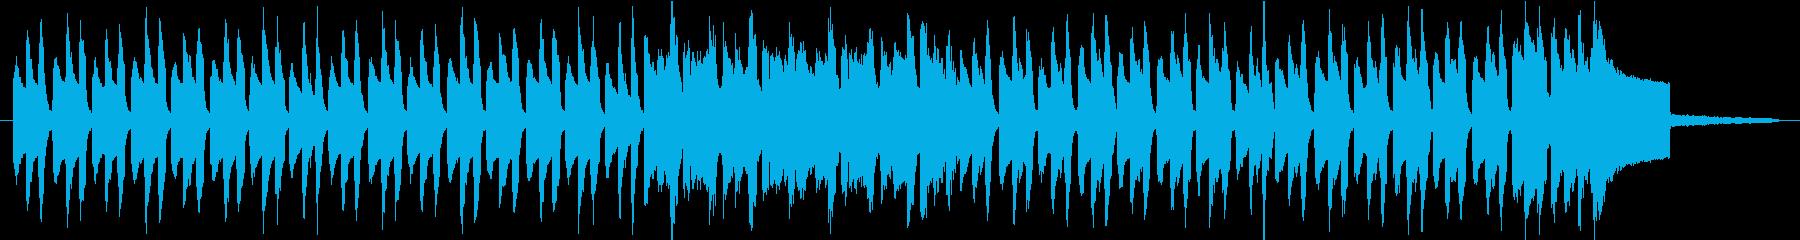 ほのぼのしたリコーダーのワルツの再生済みの波形